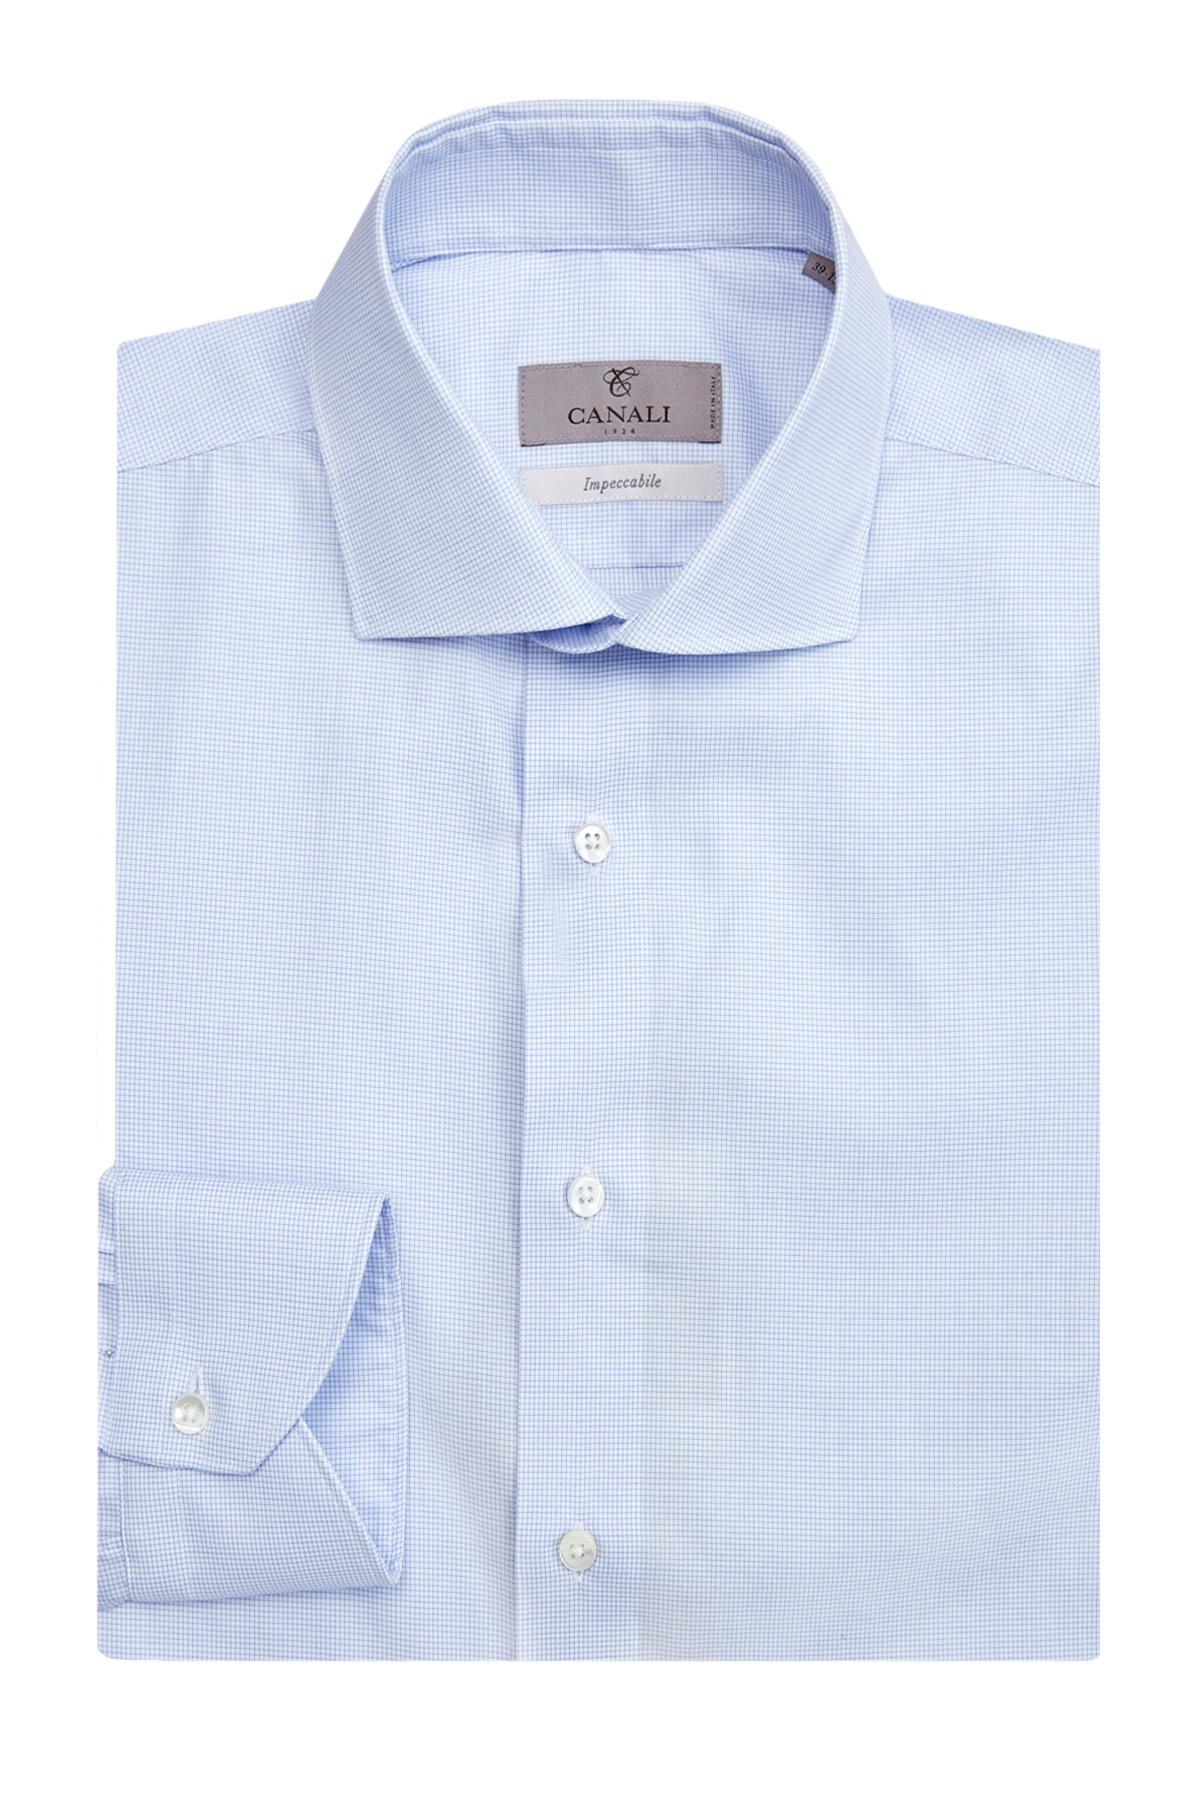 Рубашка из хлопка Impeccabile с микро-принтом в клетку